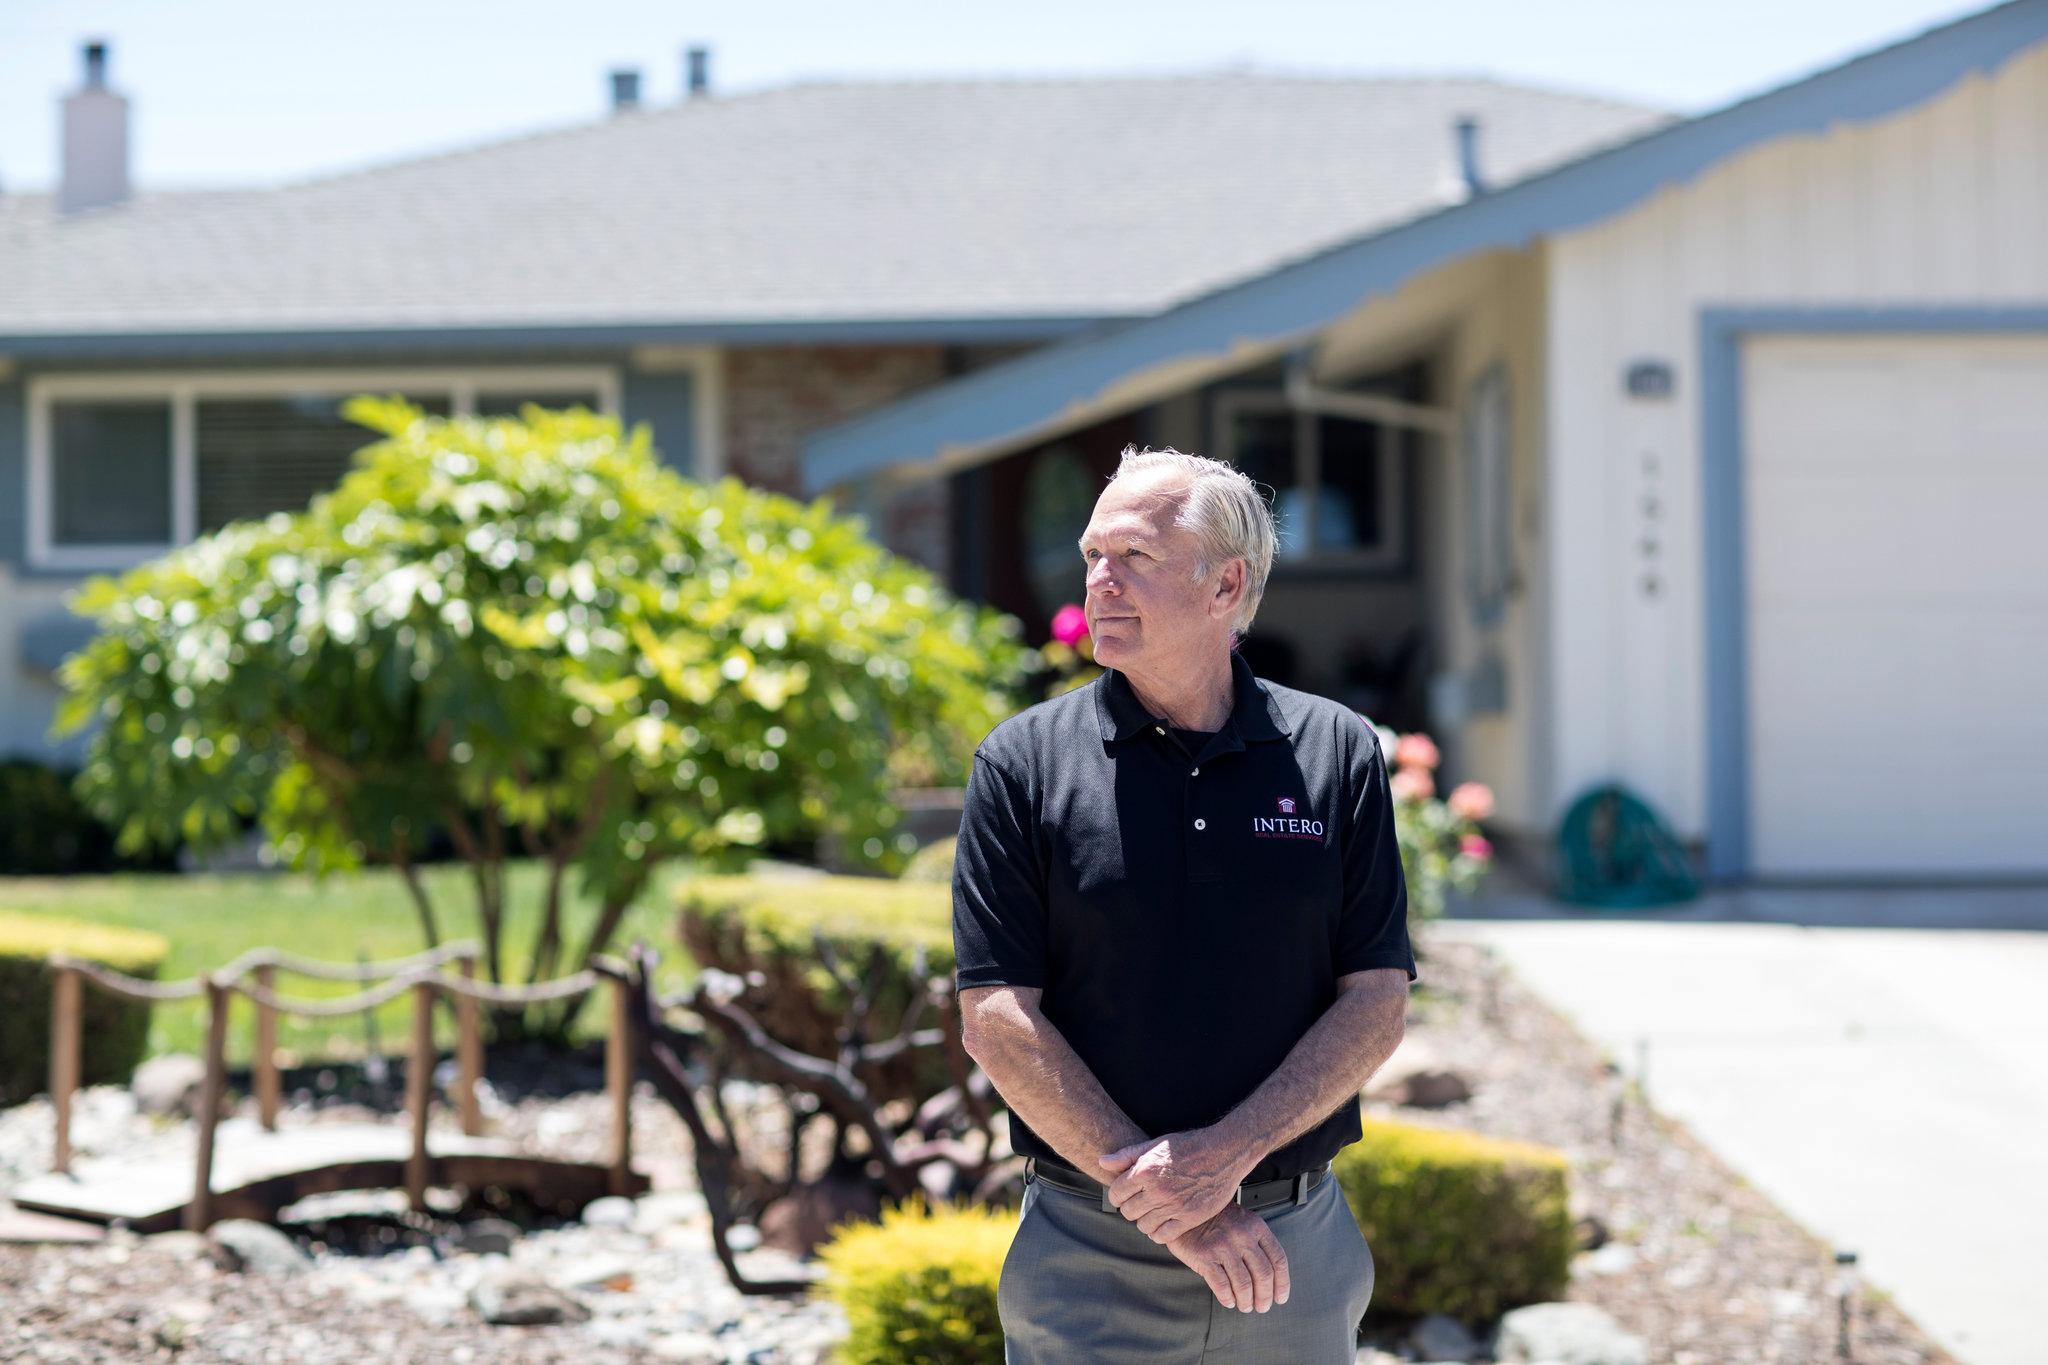 Art Maryon, um agente imobiliário, no bairro Birdland. Ele disse que as casas de estilo fazenda de um andar estavam sendo vendidas por cerca de US$1,8 milhão